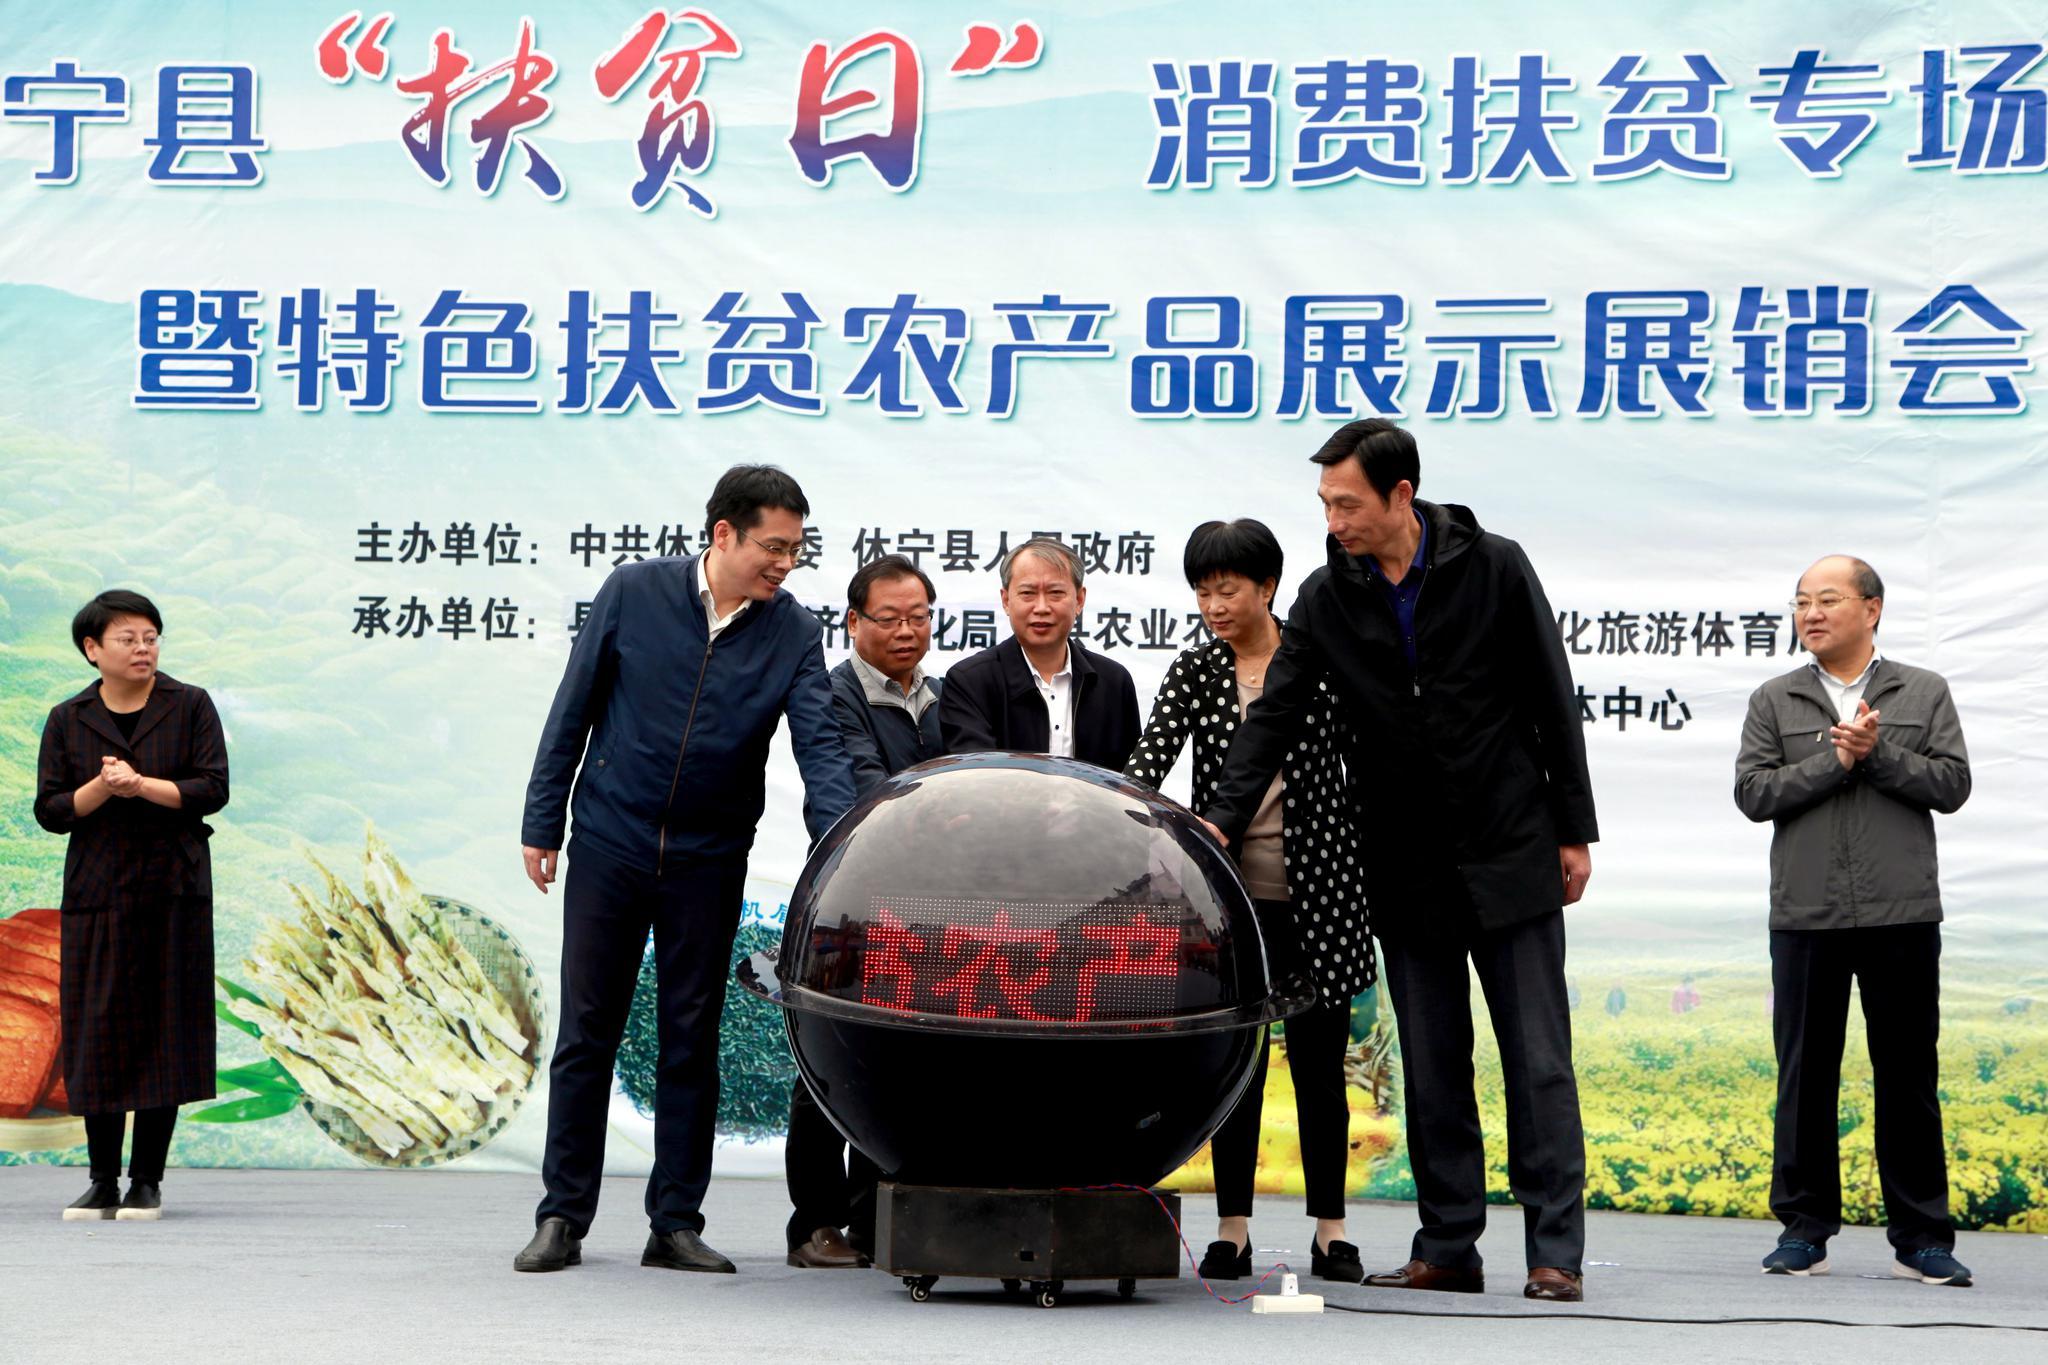 全县扶贫产品销售1.2亿 安徽休宁扶贫产品不愁买卖图片